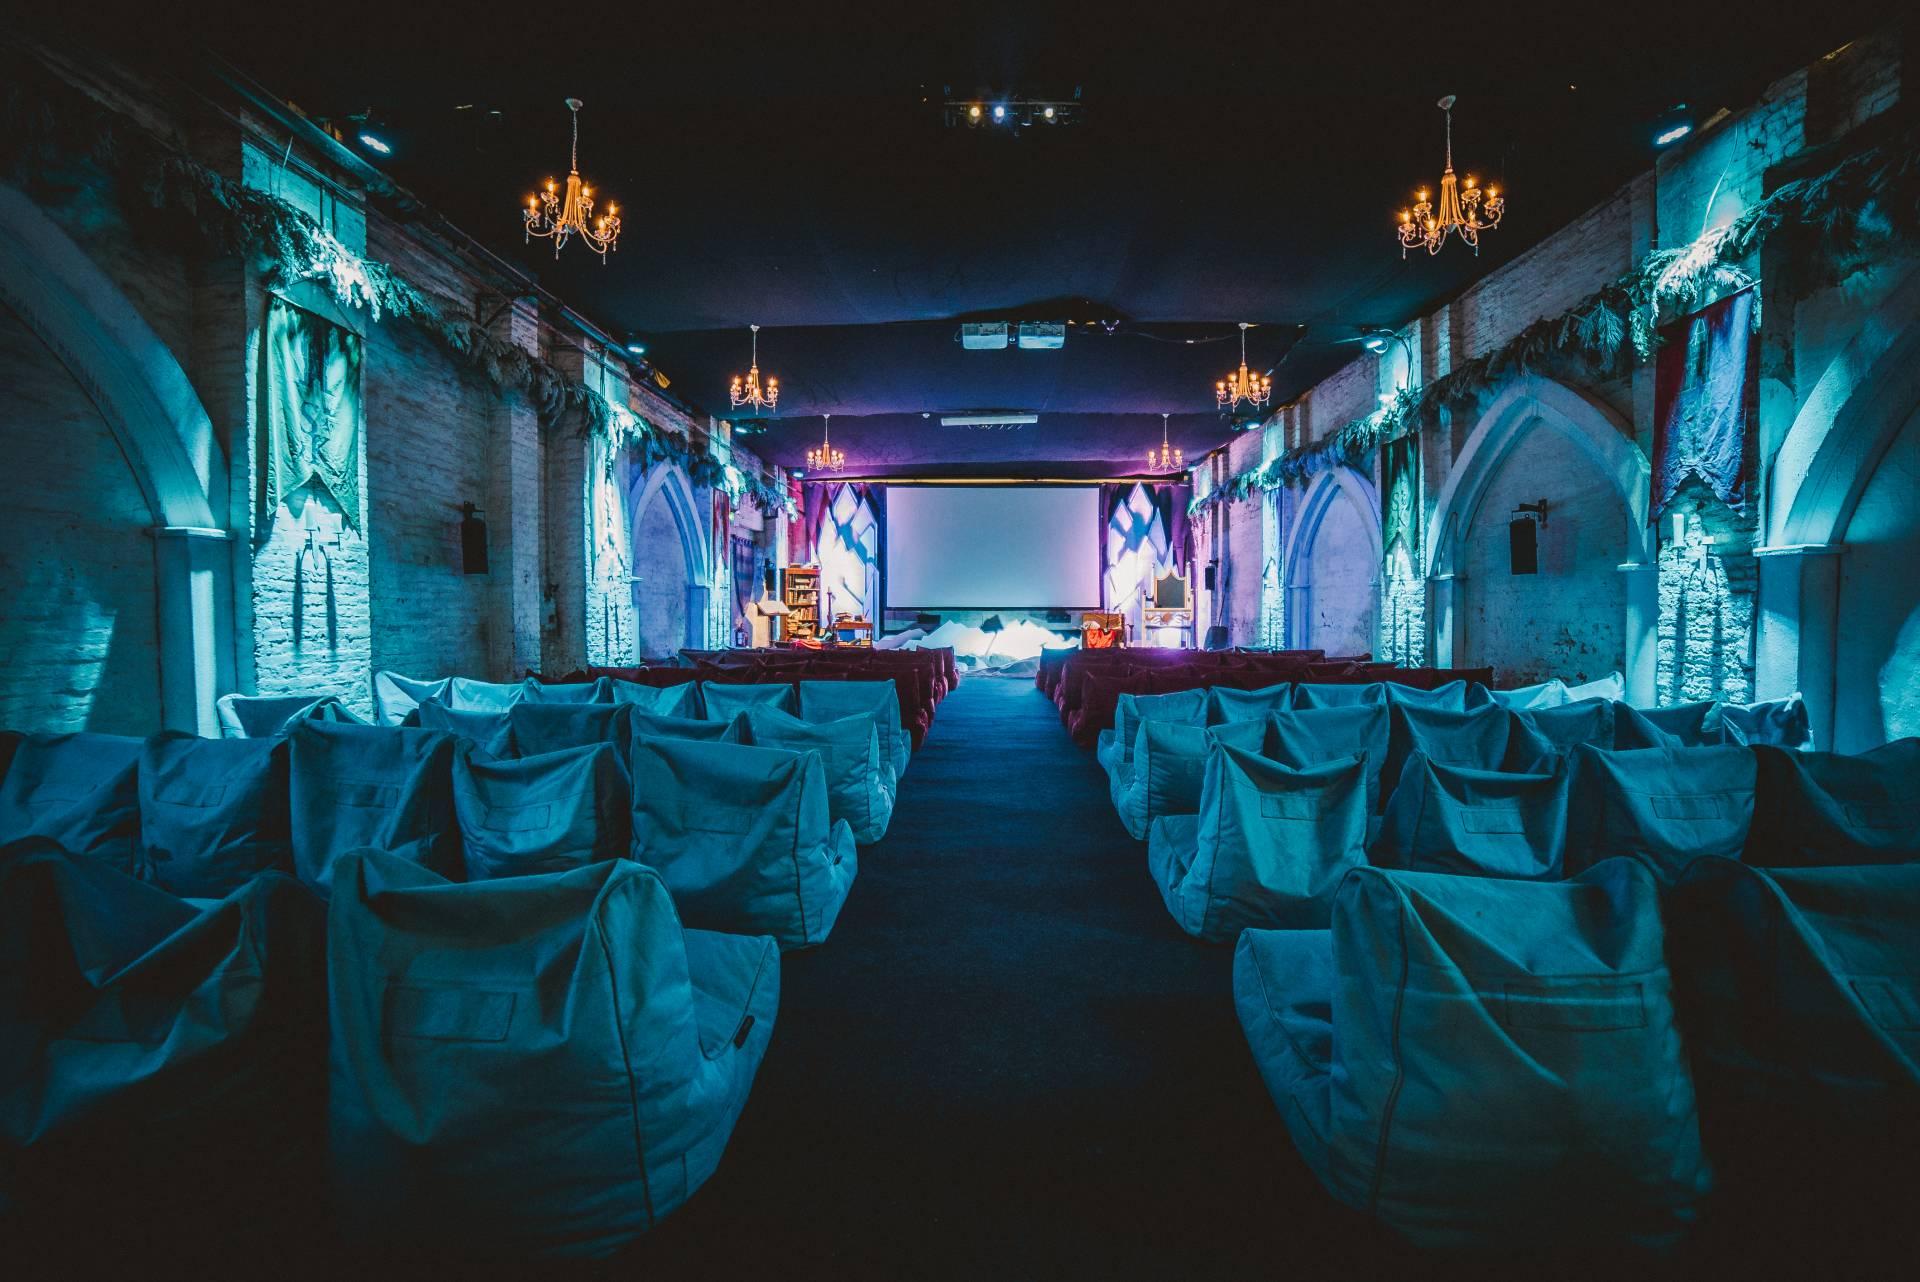 Backyard Cinema Snow Kingdom